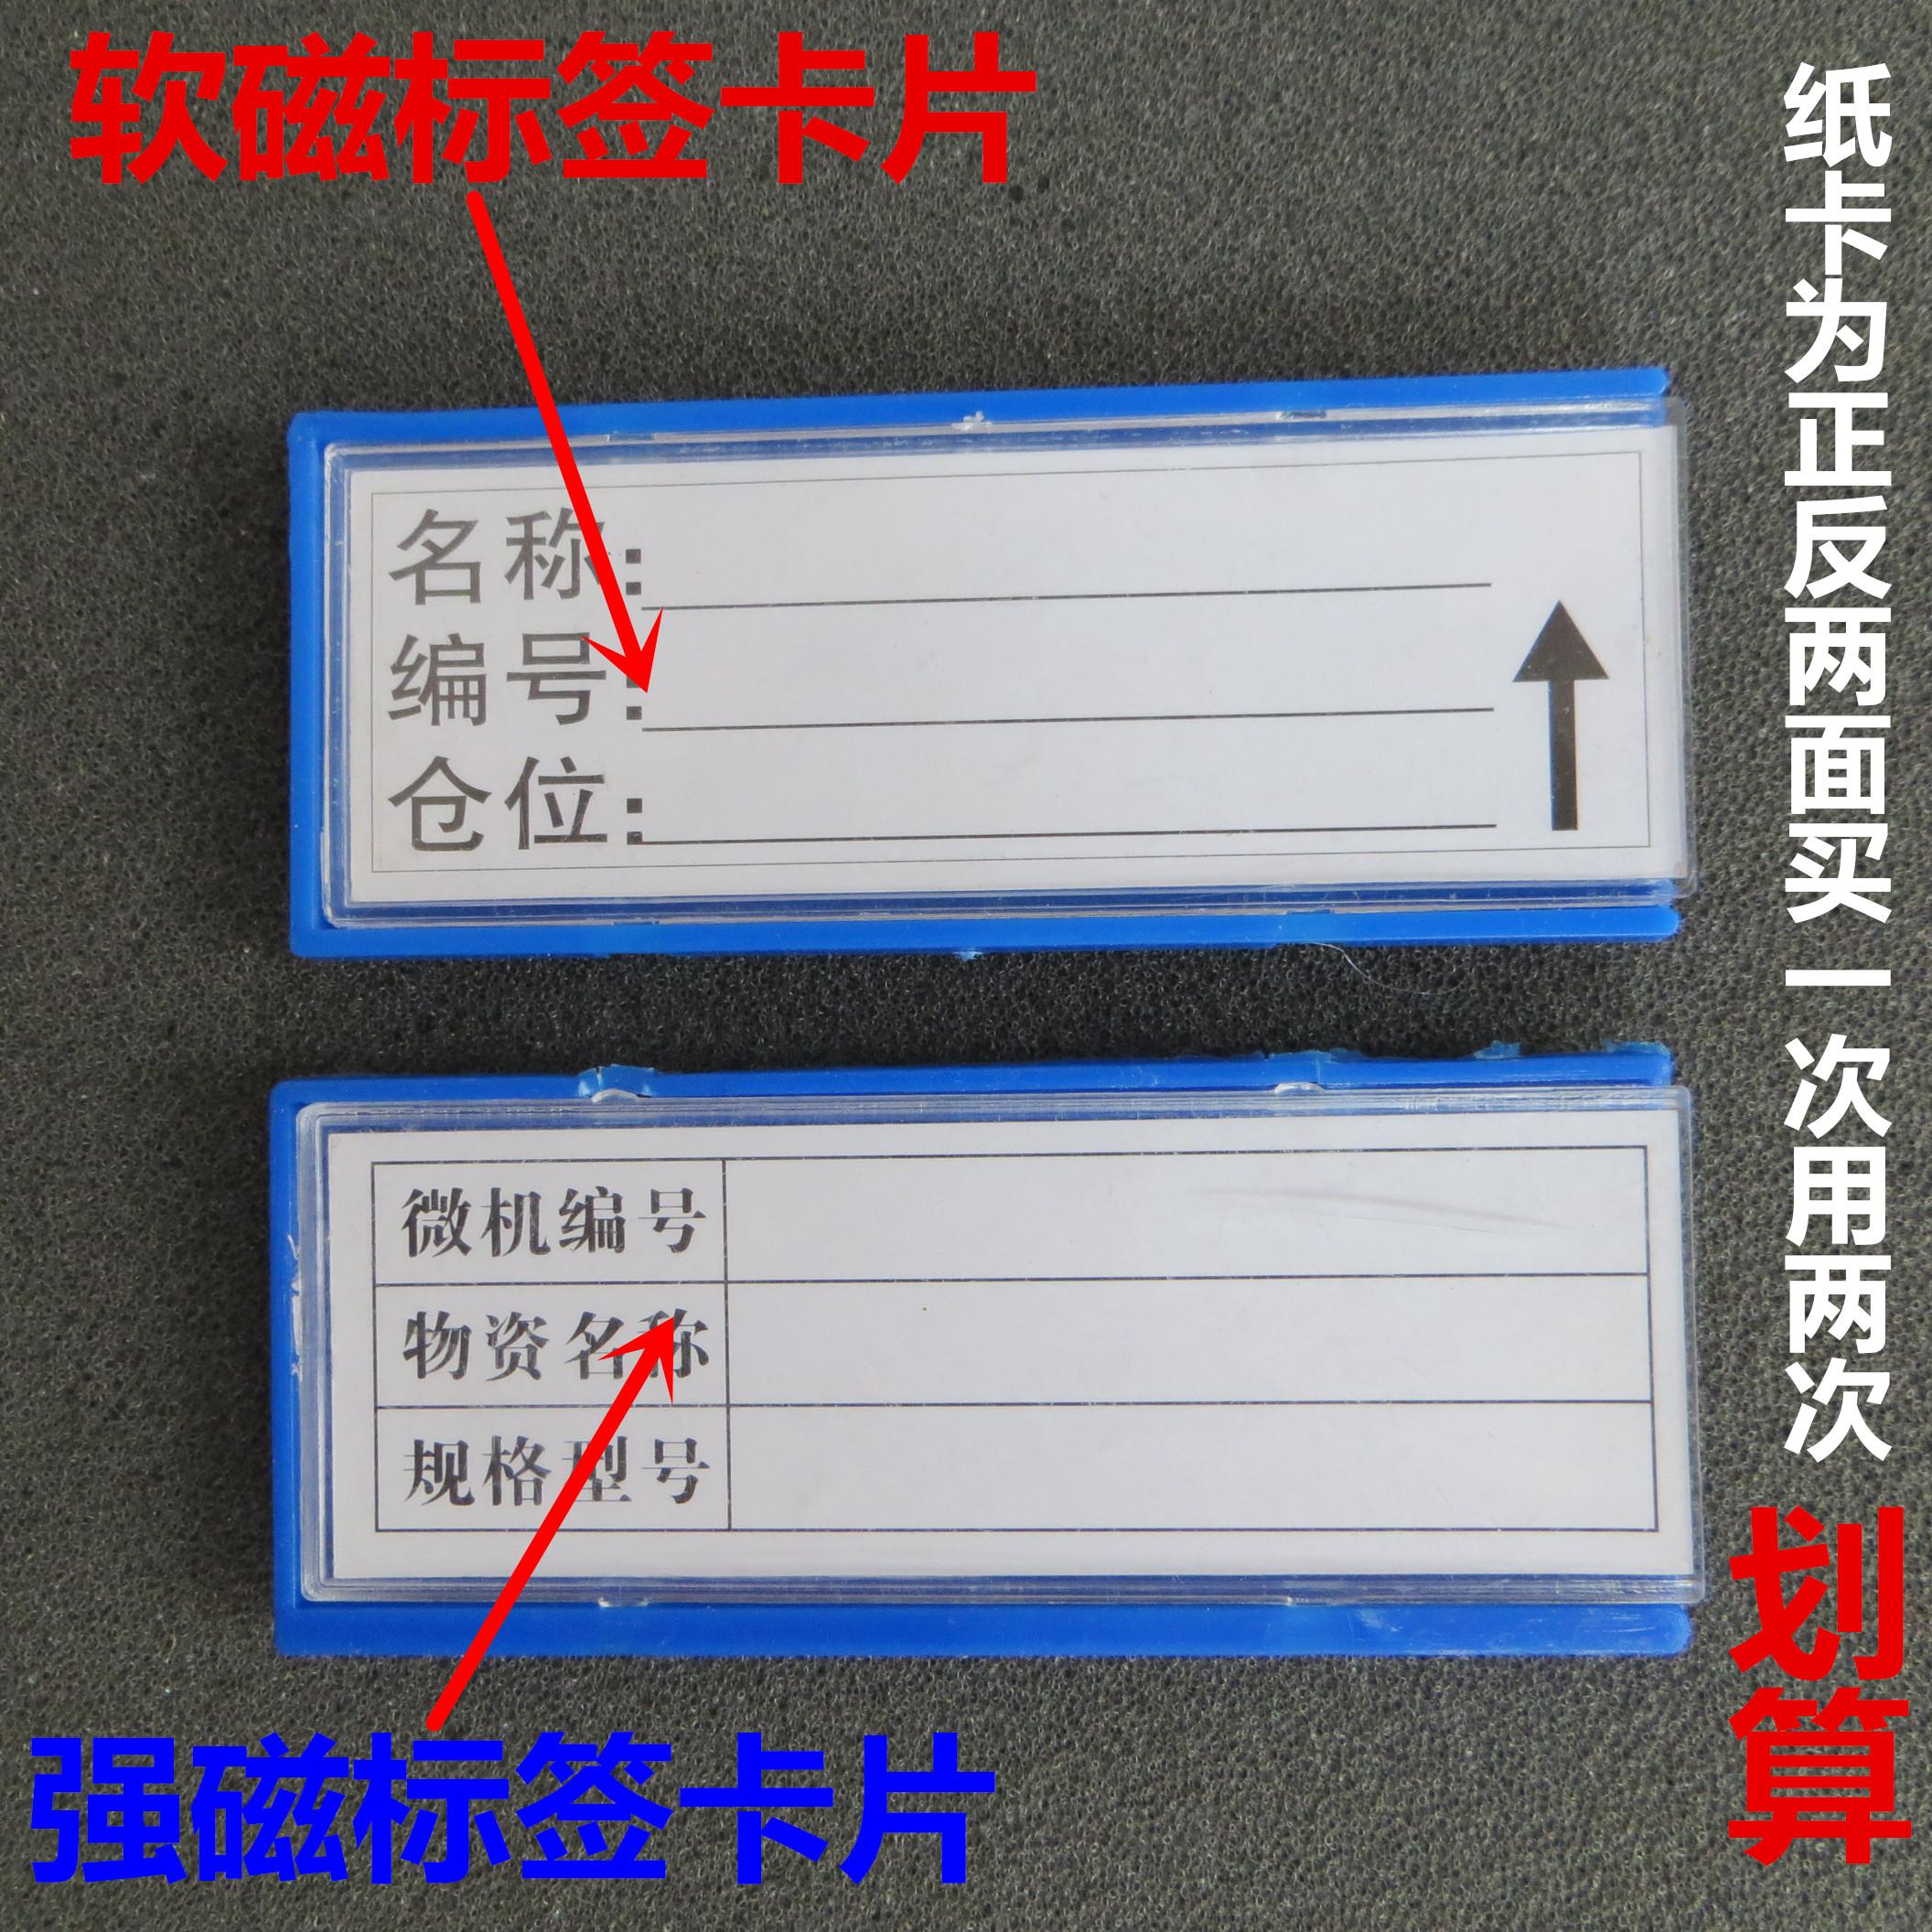 磁性标签 仓库货架标牌 物料卡 仓储货位卡 磁贴标签卡强磁库位卡